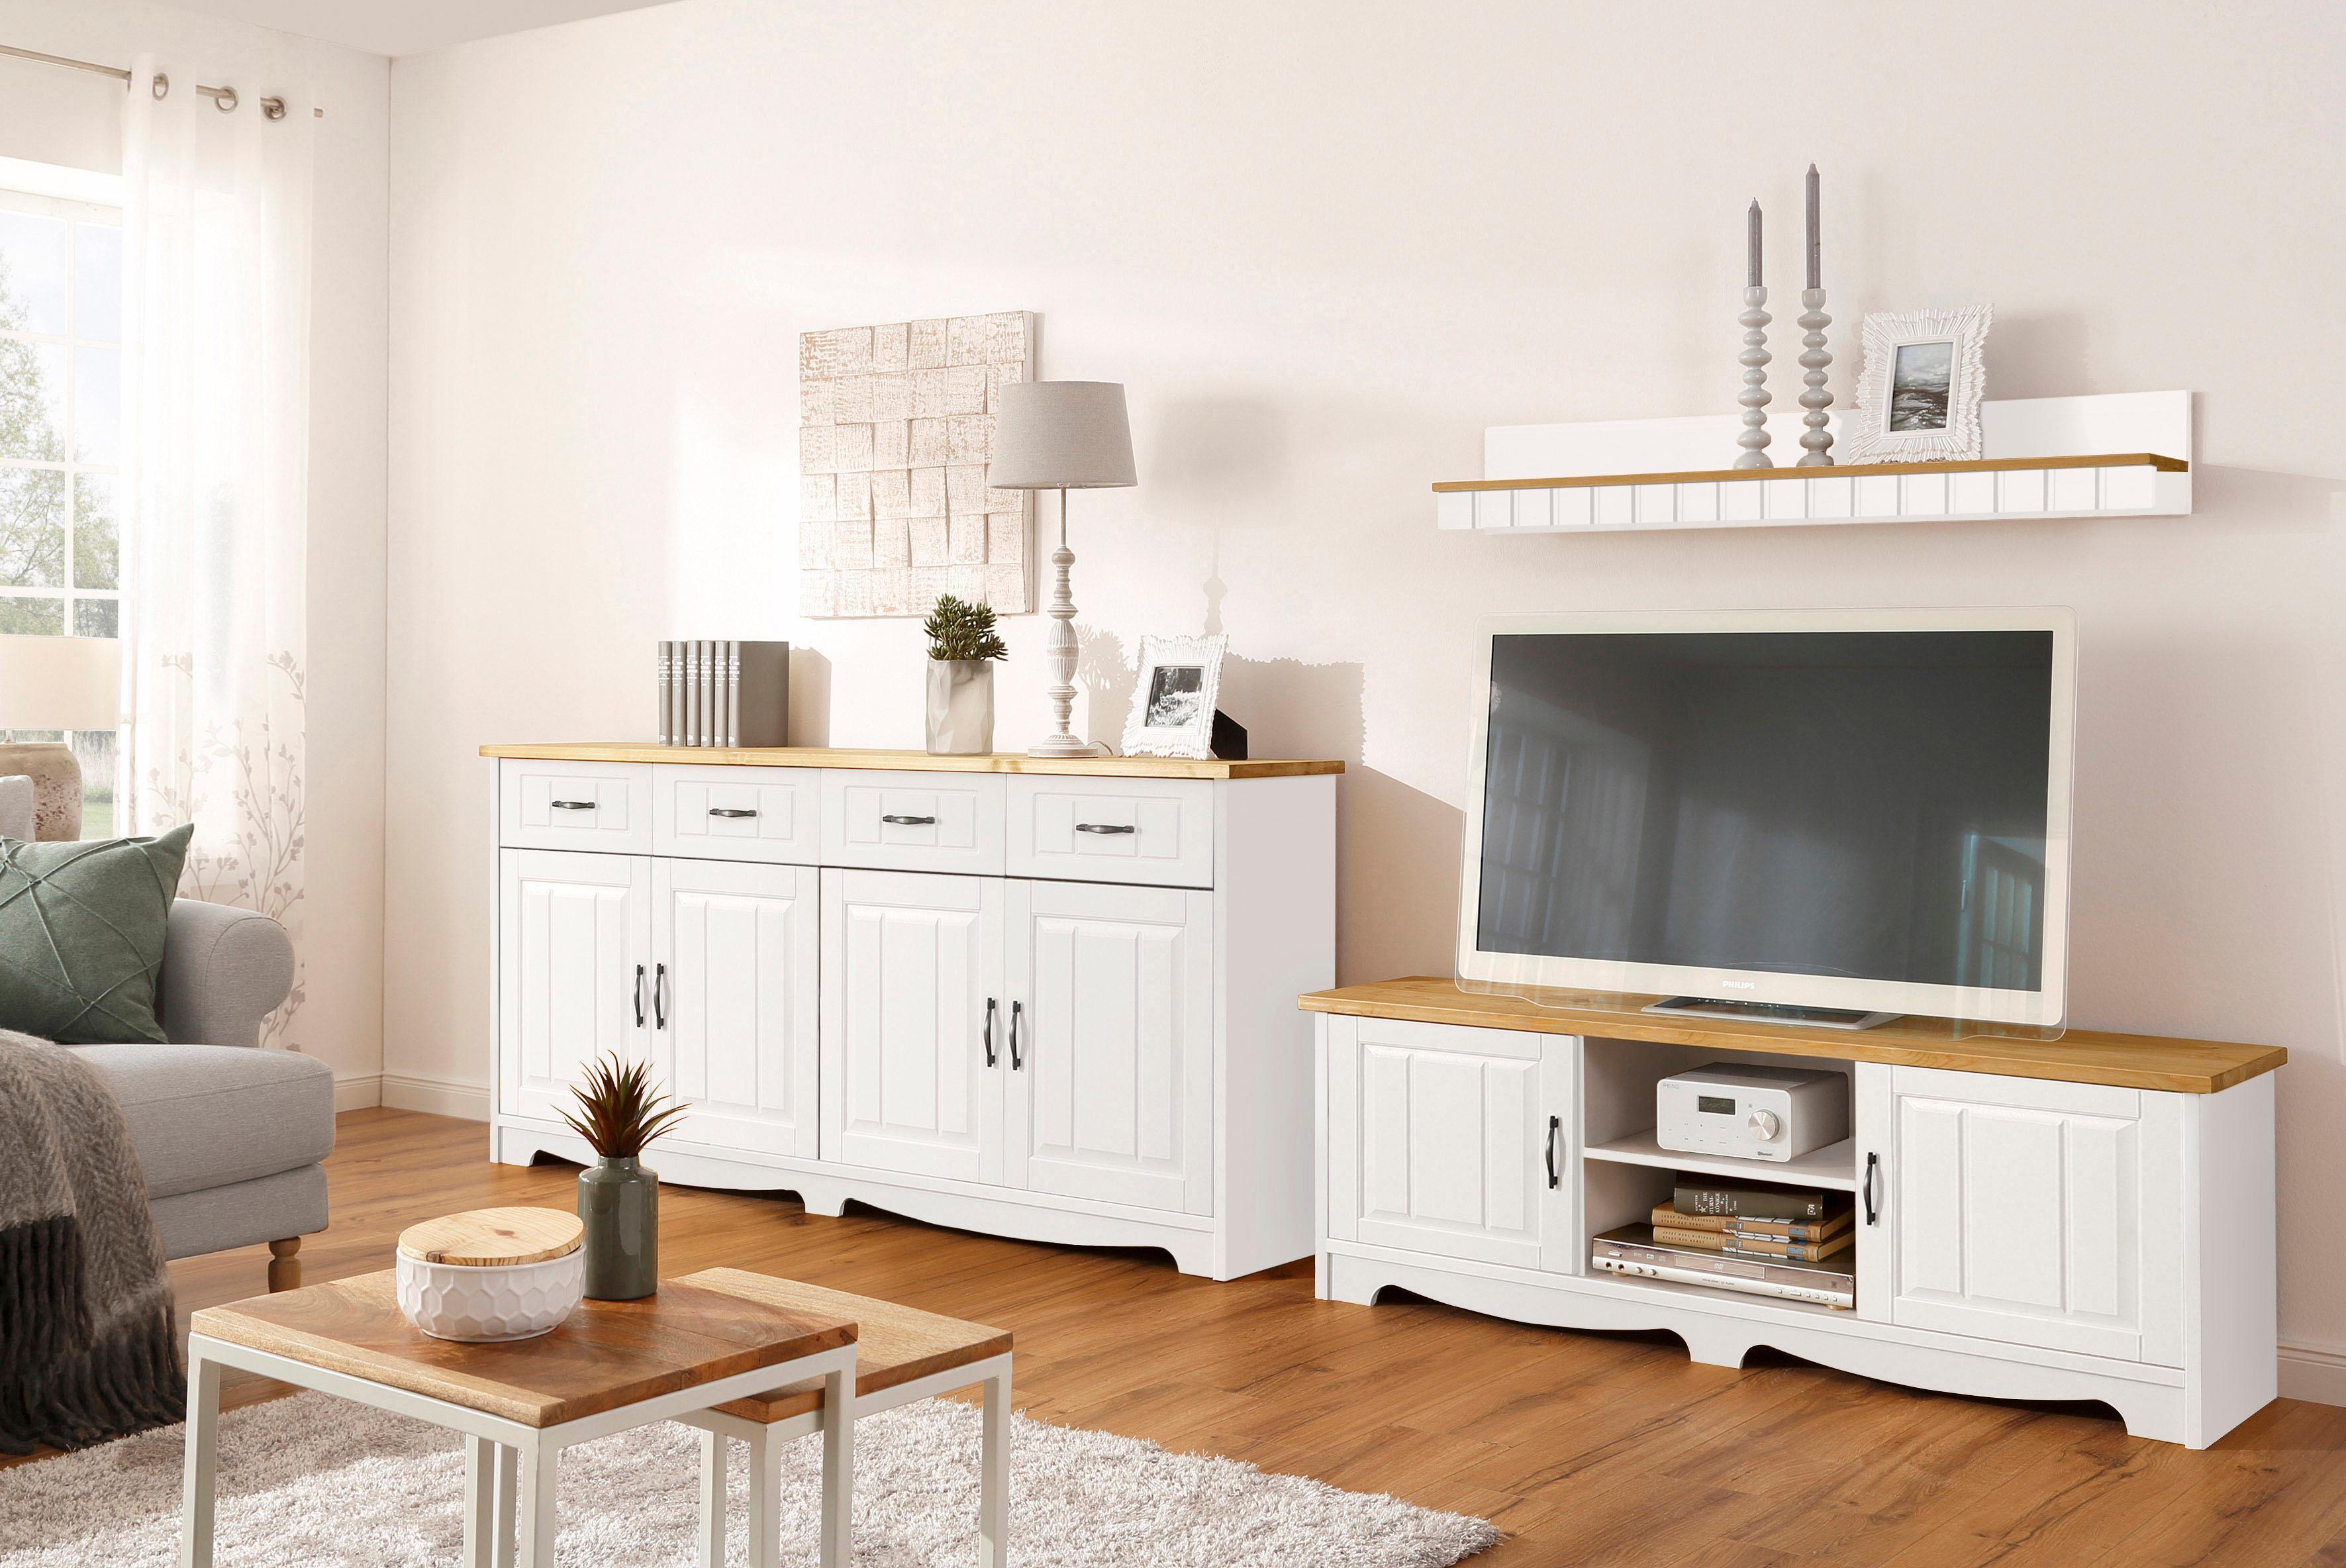 Home affaire 3-teilige Wohnwand  Trinidad , Set aus 1 Wandboard, 1 Sideboard, 1 Lowboard Preisvergleich